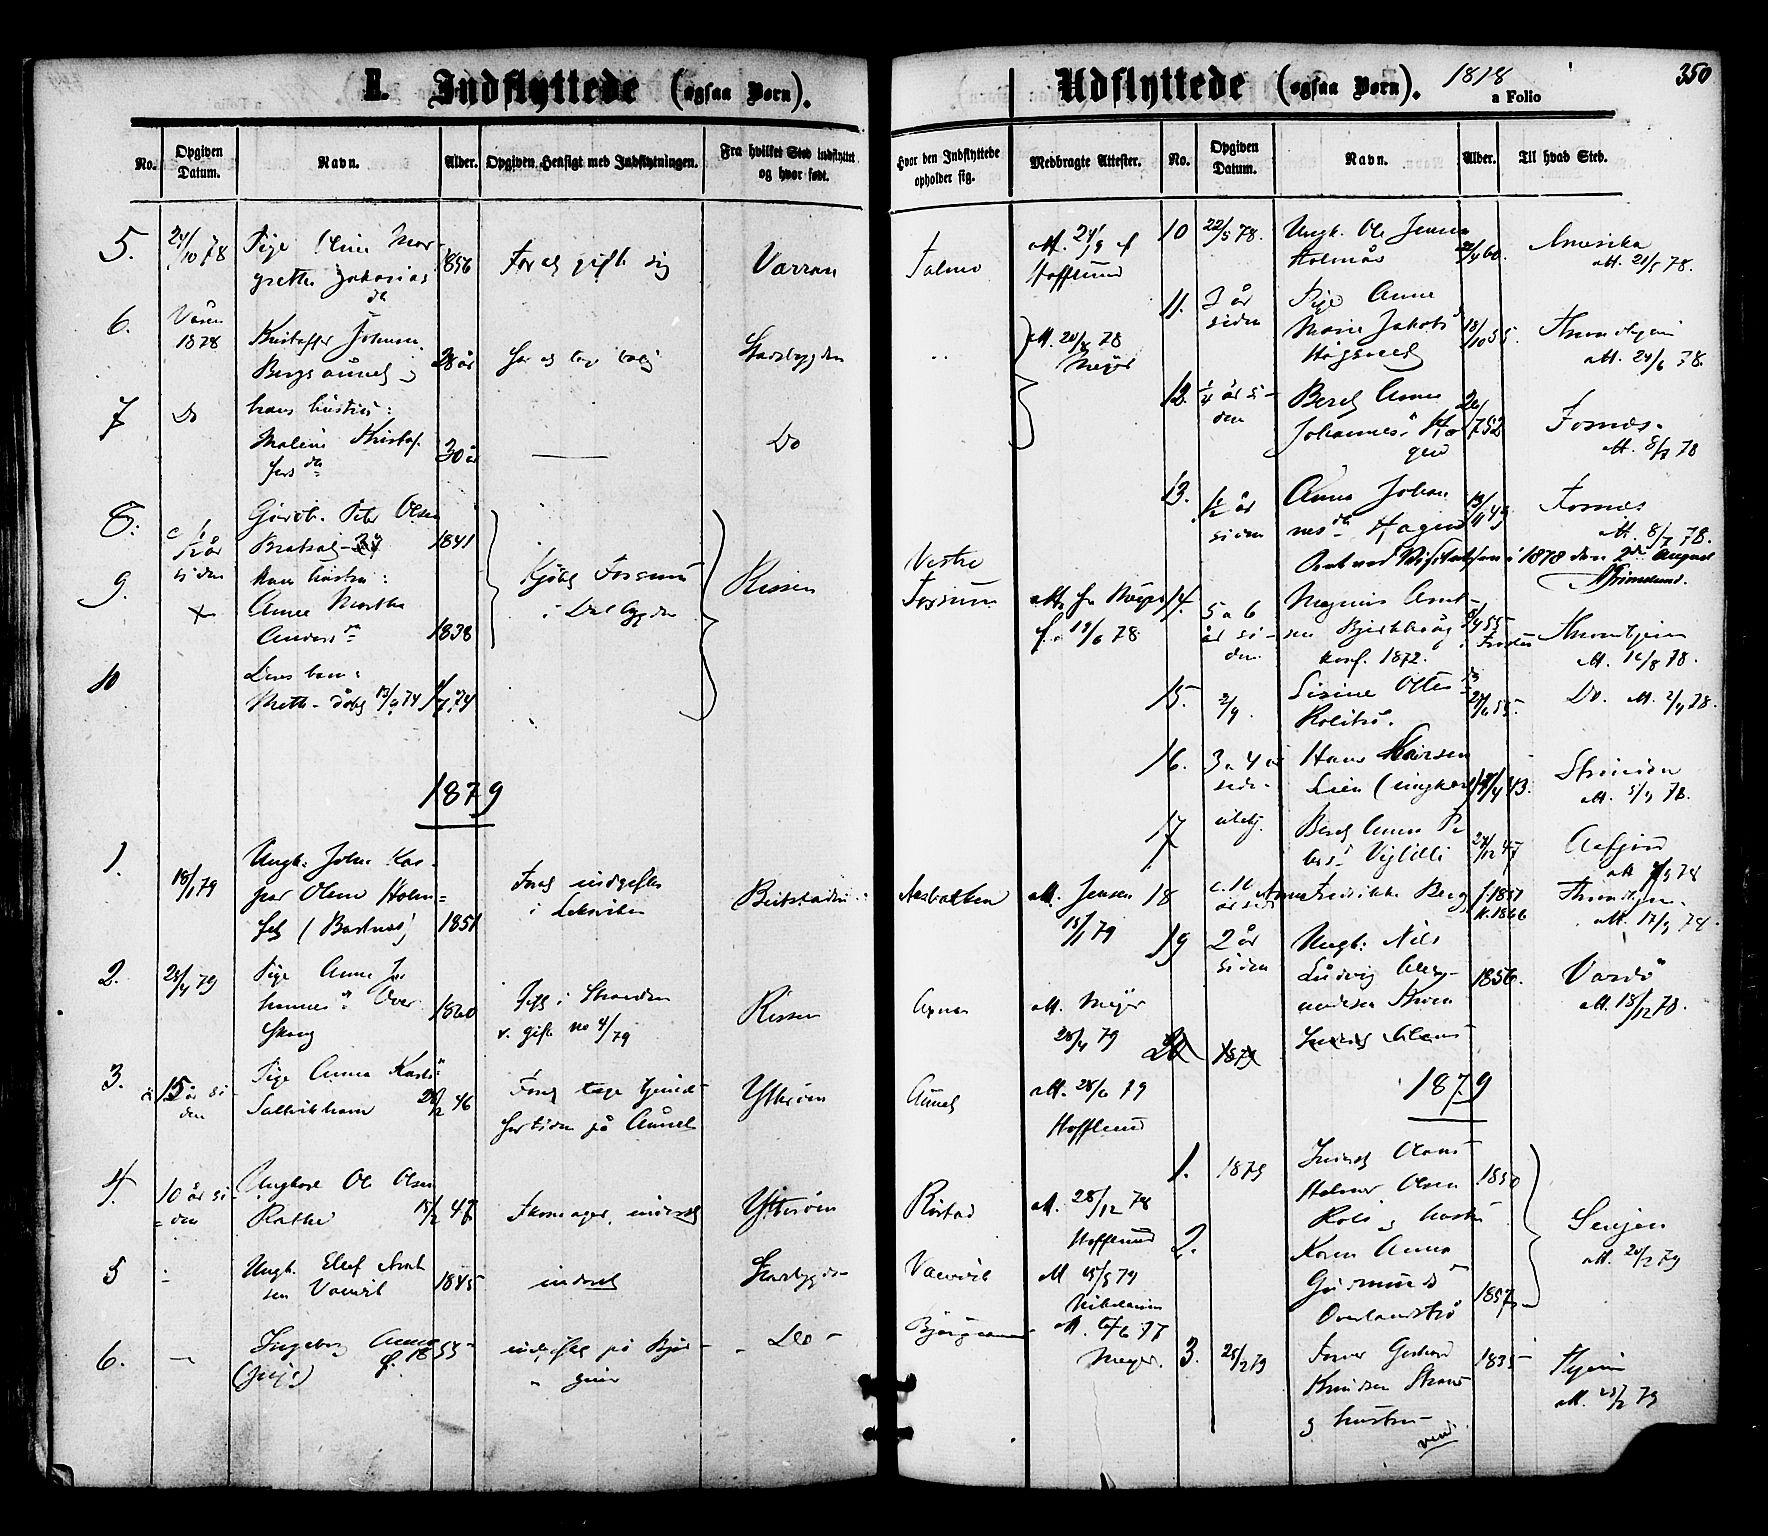 SAT, Ministerialprotokoller, klokkerbøker og fødselsregistre - Nord-Trøndelag, 701/L0009: Ministerialbok nr. 701A09 /1, 1864-1882, s. 350